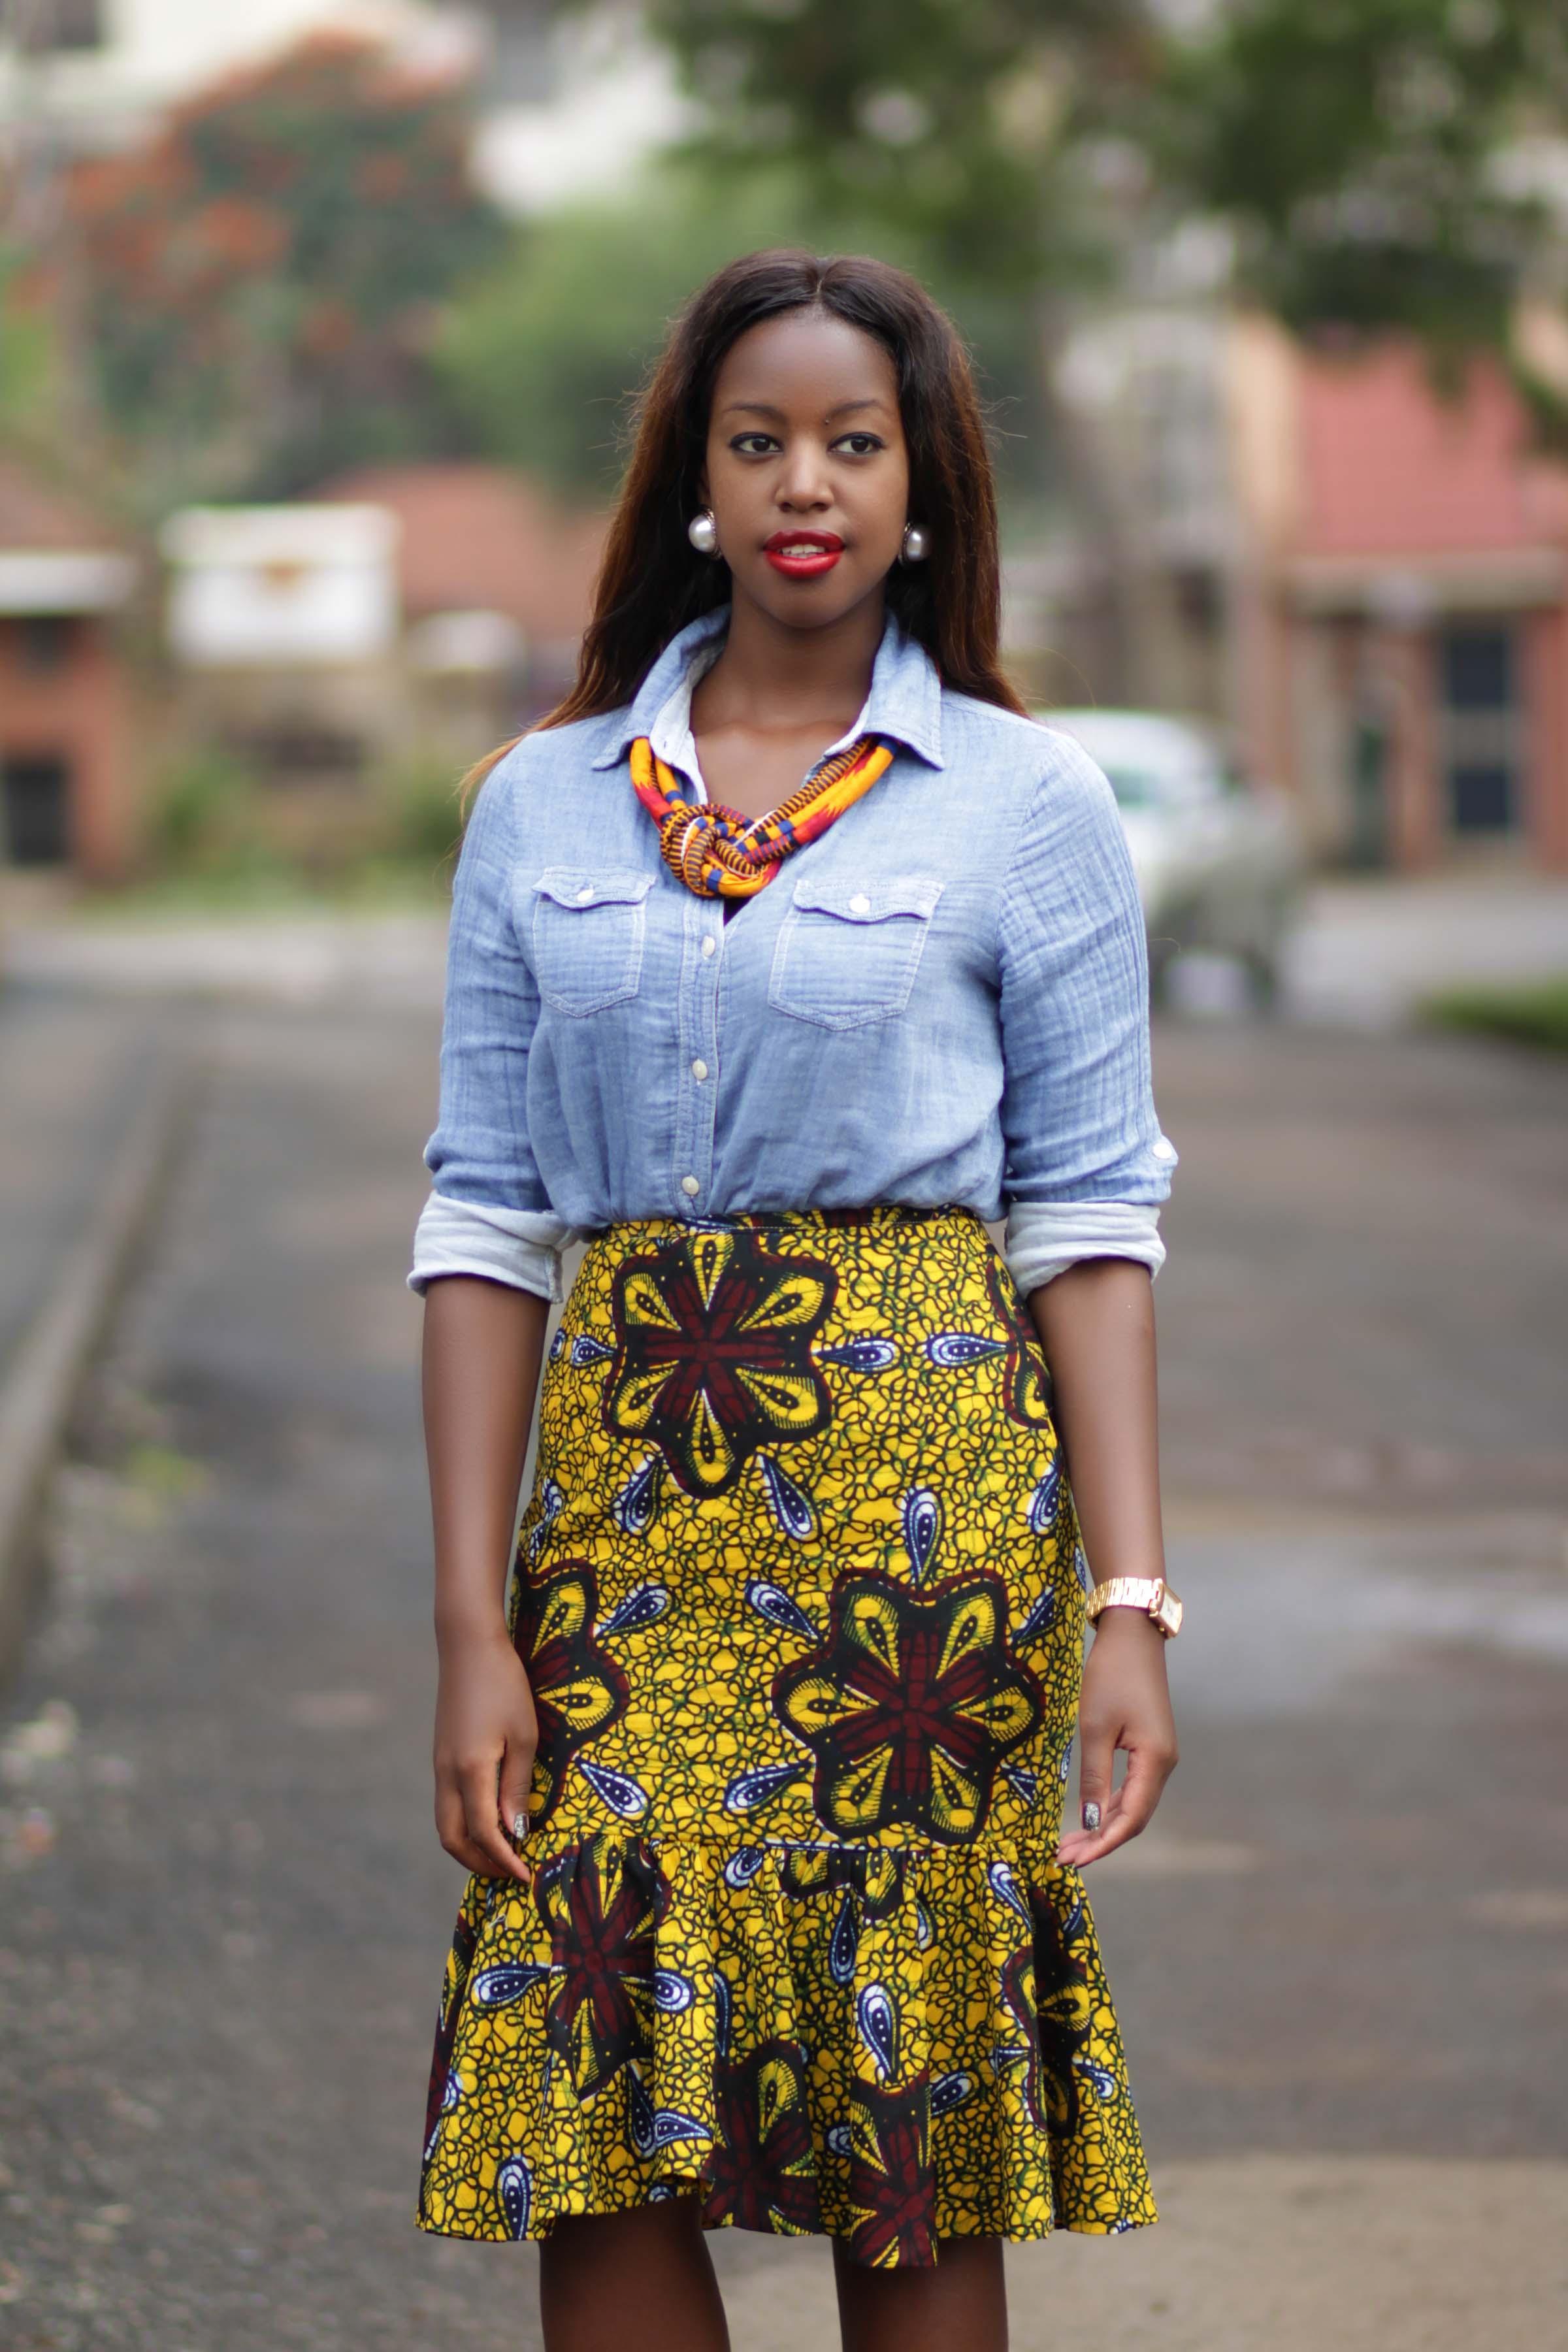 Kenyan Fashion Photographer   Denim and Cateye Ngurario,Ruracio,Traditional Wedding-Kenyan Traditional Wedding Photographer -Kenyan Fashion Photographers,Best Nairobi Kenyan Fashion Photographers,Top Kenyan Best Wedding Photographers,Nairobi-wedding-Photographers-Nairobi-Weddings-Nairobi-Wedding-Photography-Kenya-Wedding-Photographers-Top-Kenya-Wedding-Photography-Nairobi-Kenya-Best-Wedding-Photographers-Top Kenyan Best Photography-Top Fashion Photographer Nairobi Kenya-Best Kenyan Fashion Photographers-Nairobi Wedding Photographers-Nairobi National Park Wedding – Rustic Wedding – Kenyan Weddings – Nairobi Wedding Photographers – Kenyan Wedding Photographers -Kenya best wedding photographers-Top Kenyan Wedding Photography-Karen Weddings-Brookhaven Garden Wedding Karen-Kenyan Best Portraiture Photographers-Nairobi Portraiture Photographers